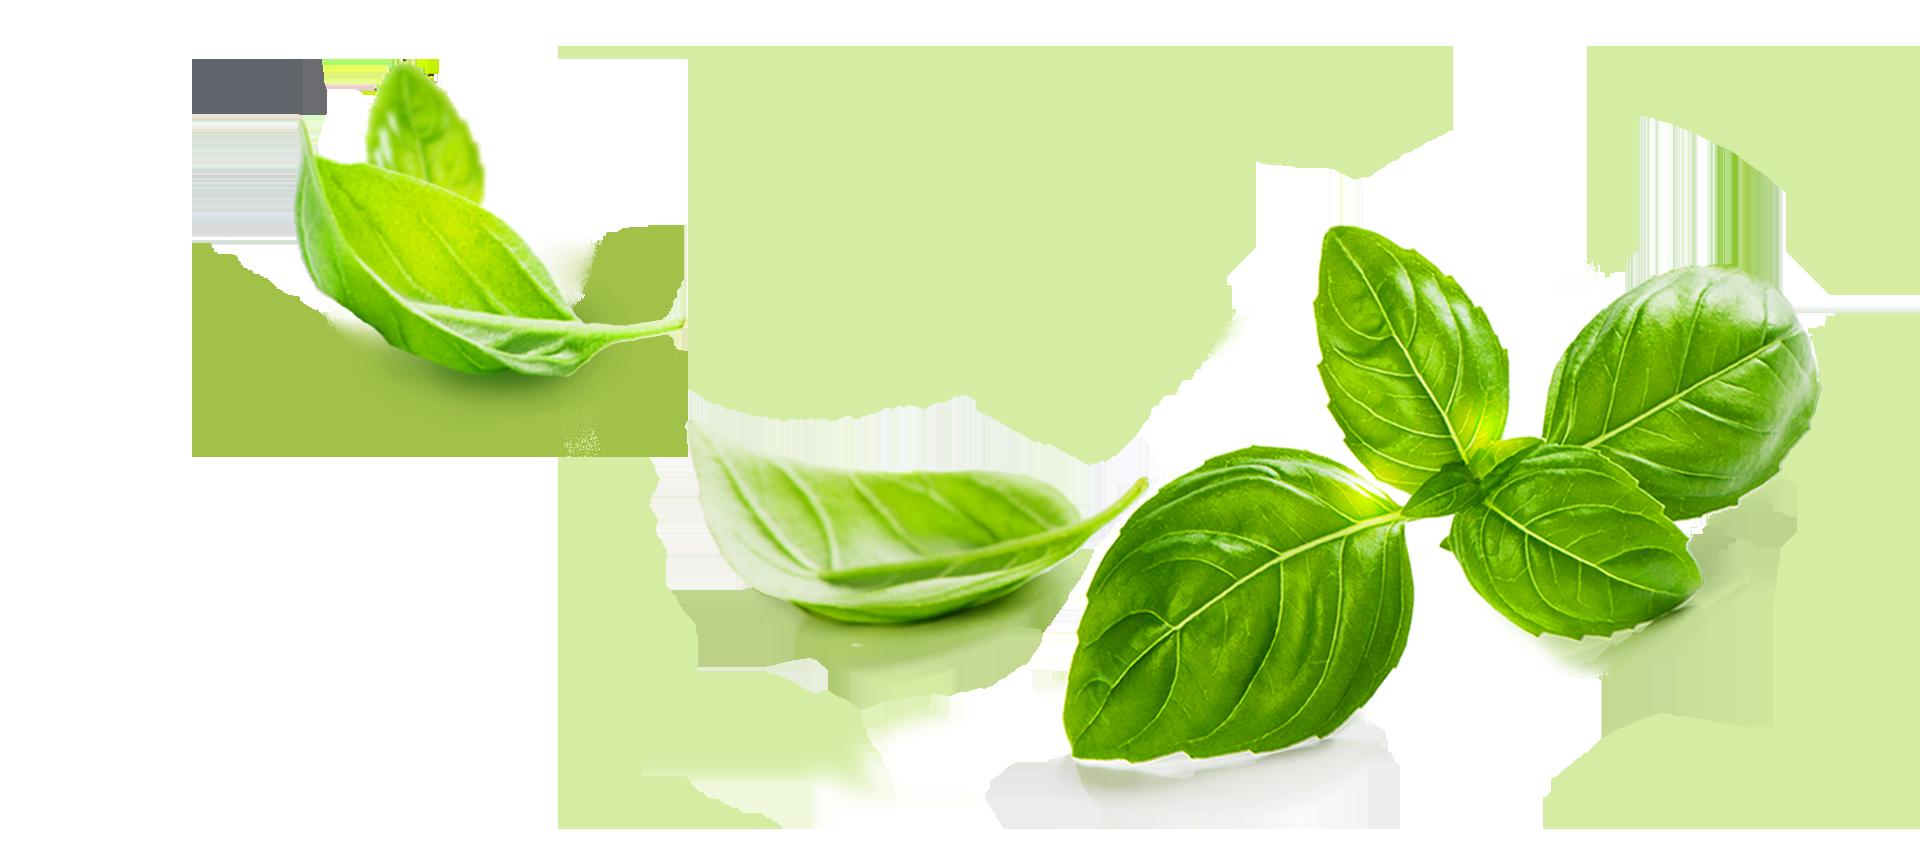 Anti Organic Food